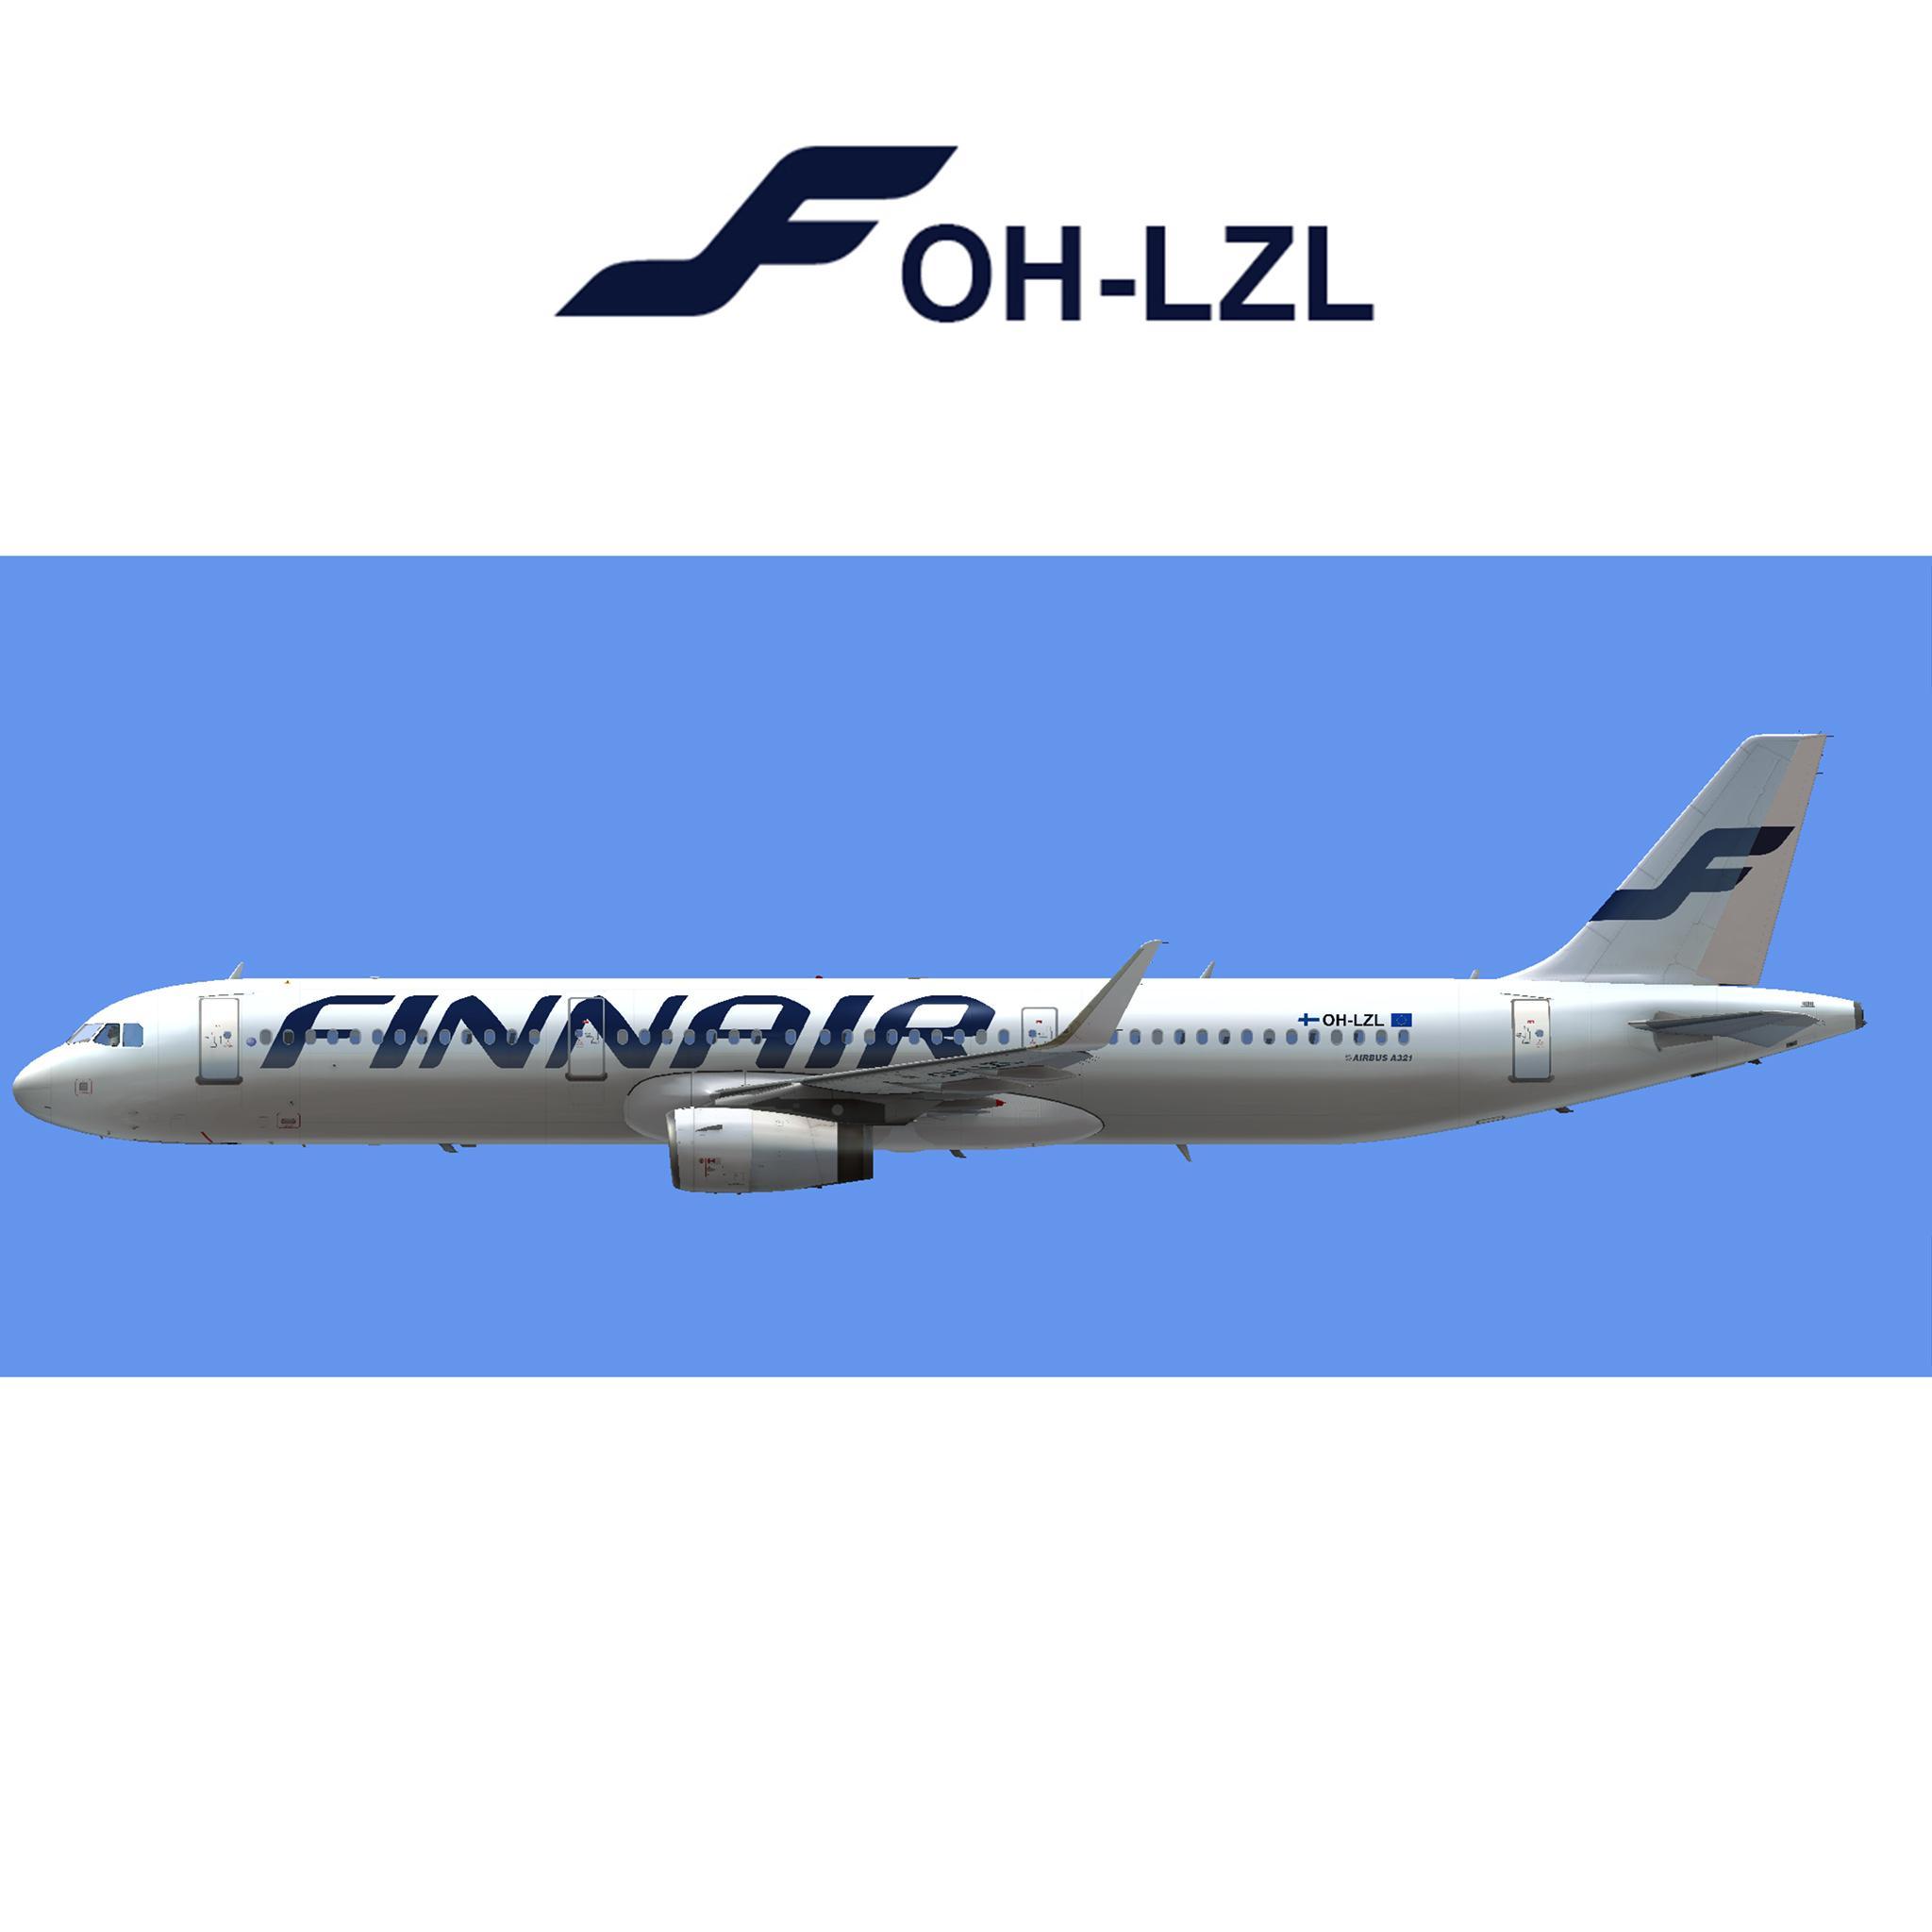 Airbus A321-231 Finnair OH-LZL